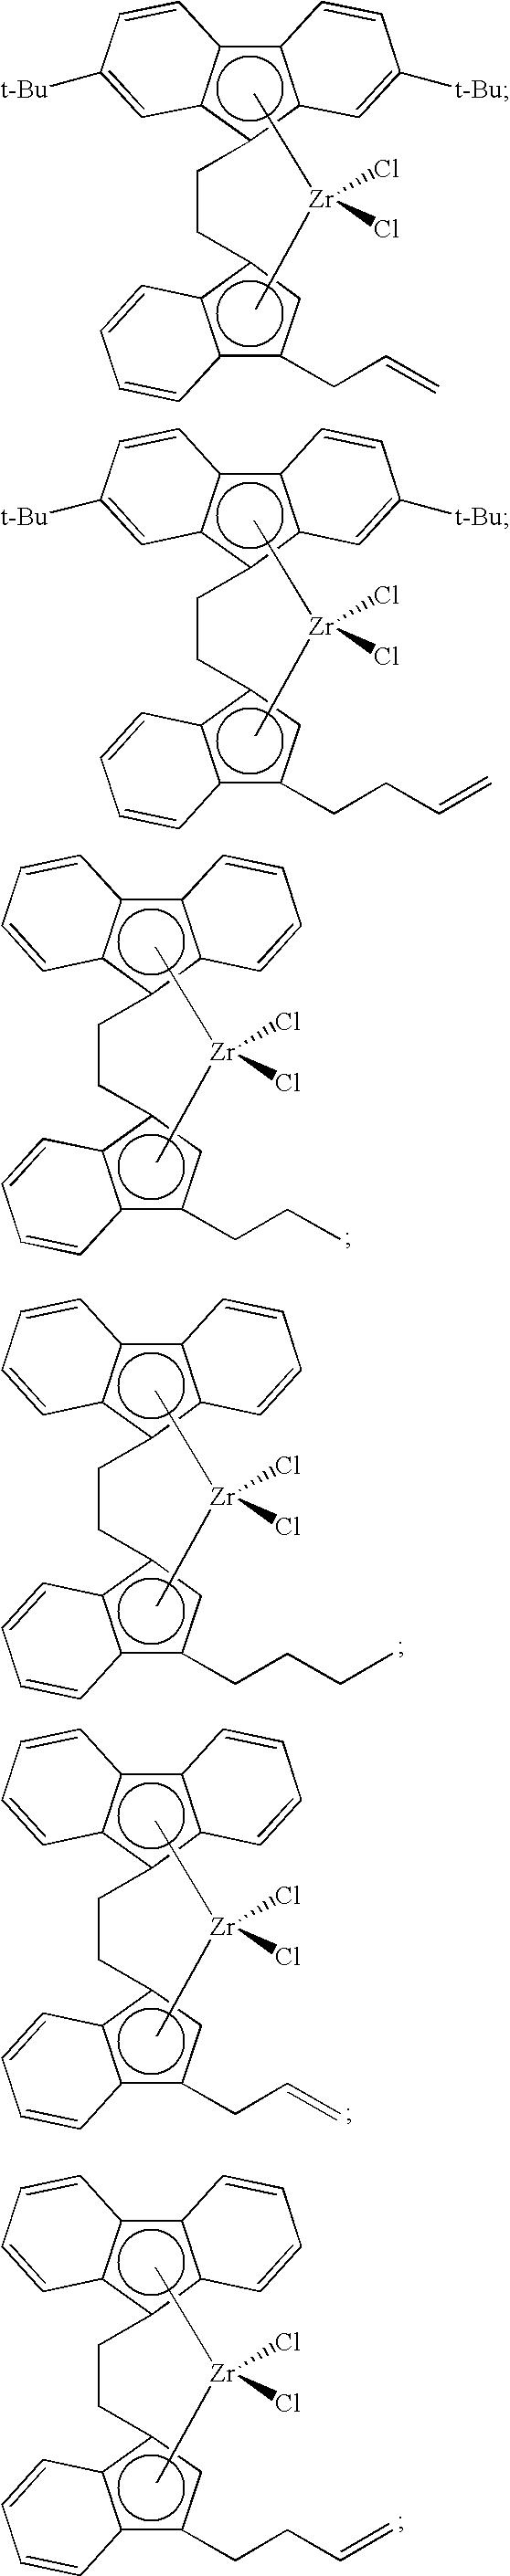 Figure US20100331501A1-20101230-C00018